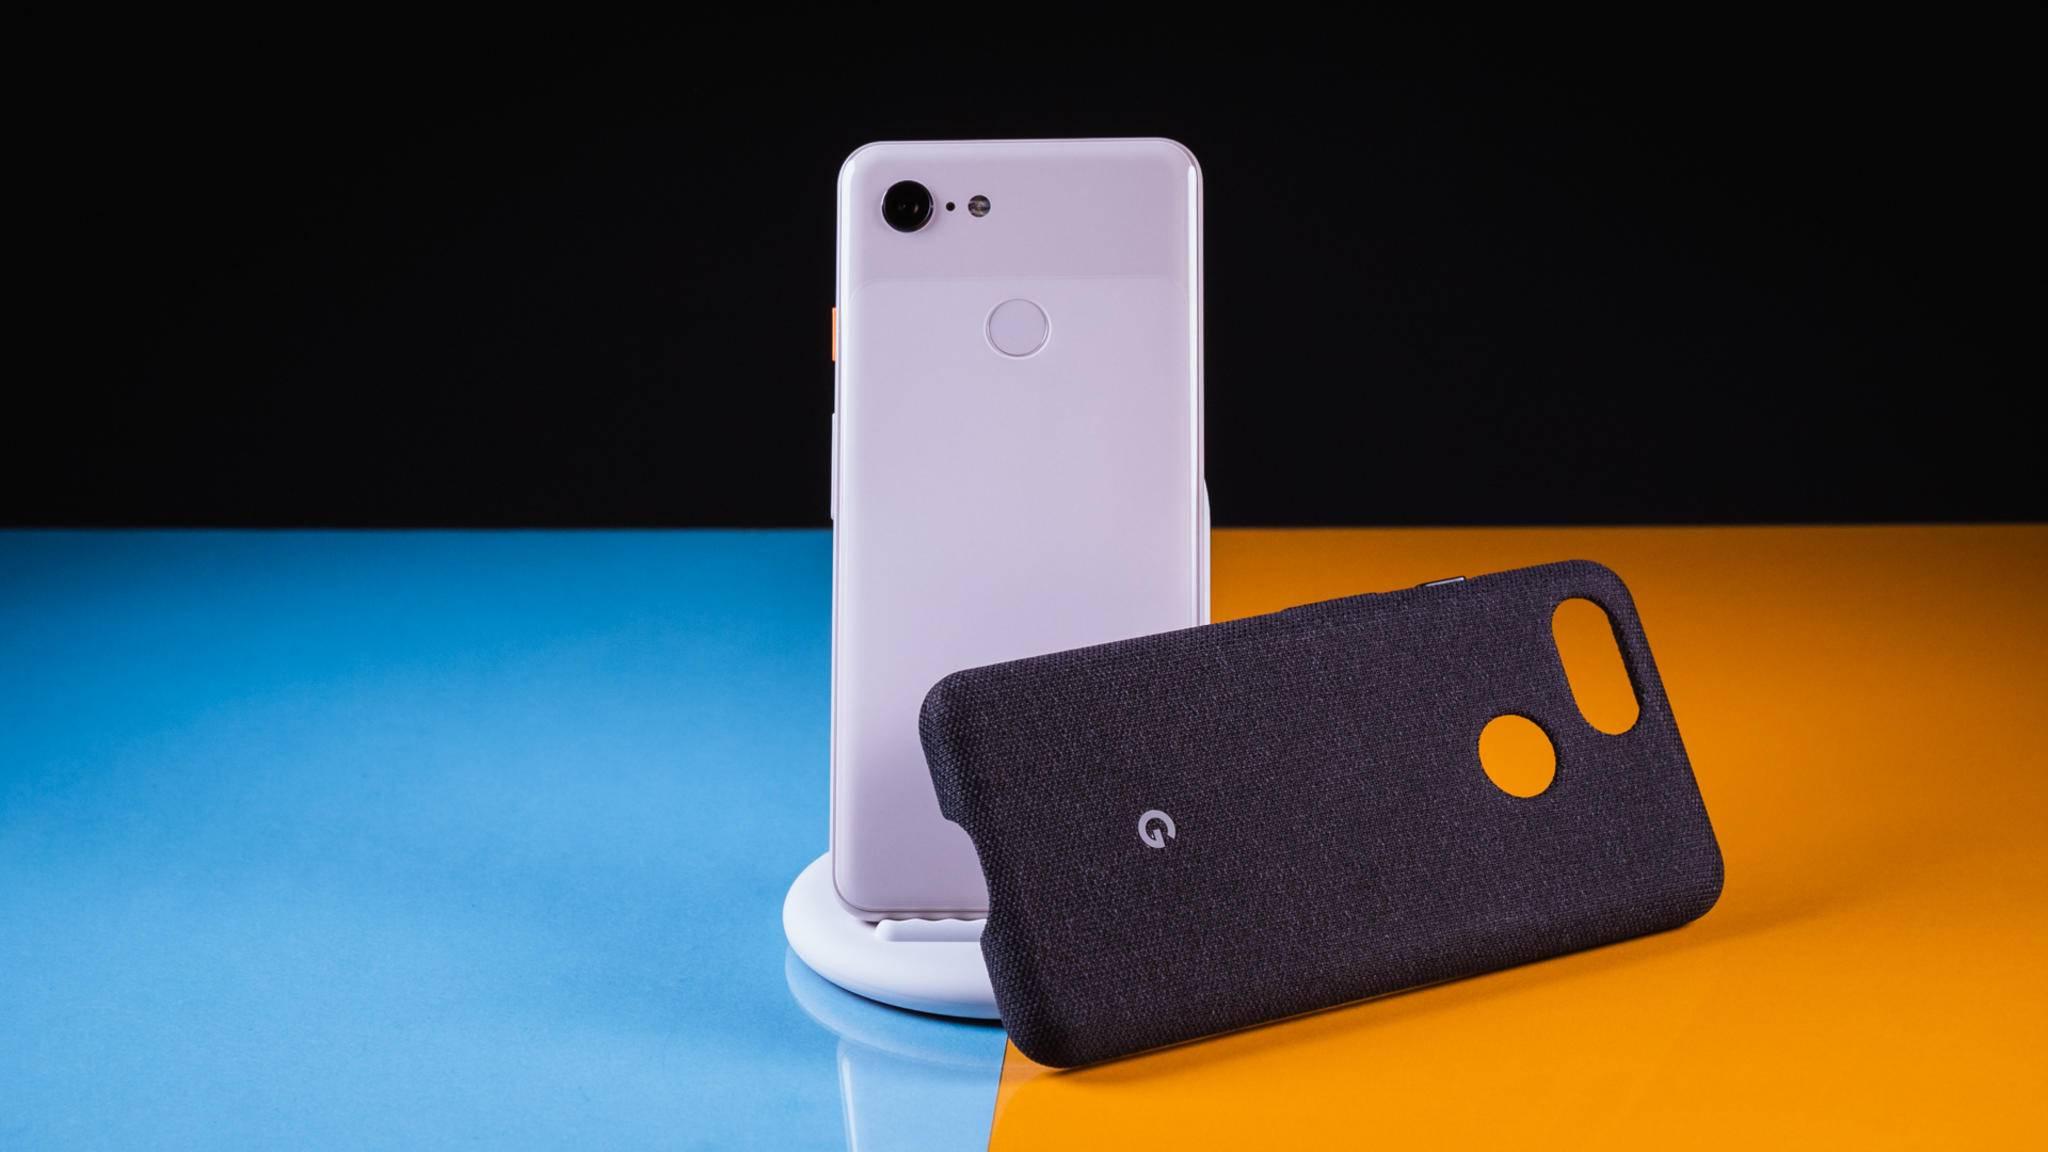 Mit dem Pixel 3 wollte Google vor allem iPhone-Besitzer ansprechen.